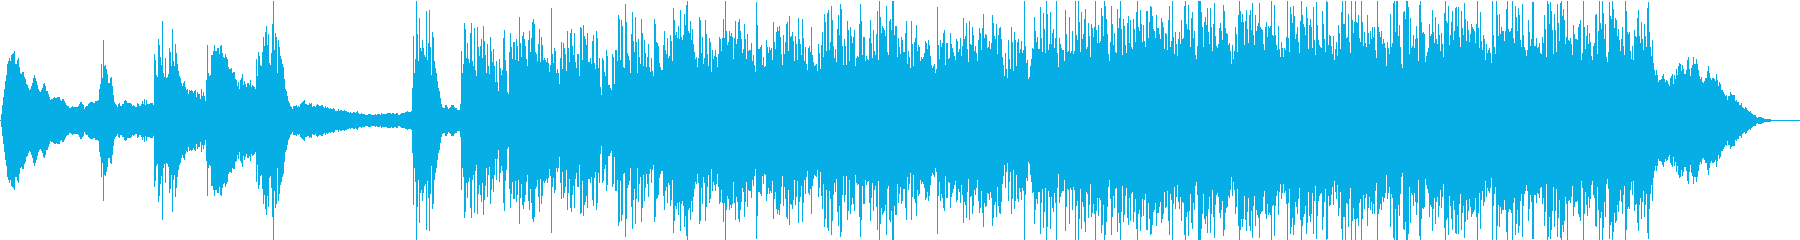 疾走感のあるミステリアスなエスニック の再生済みの波形